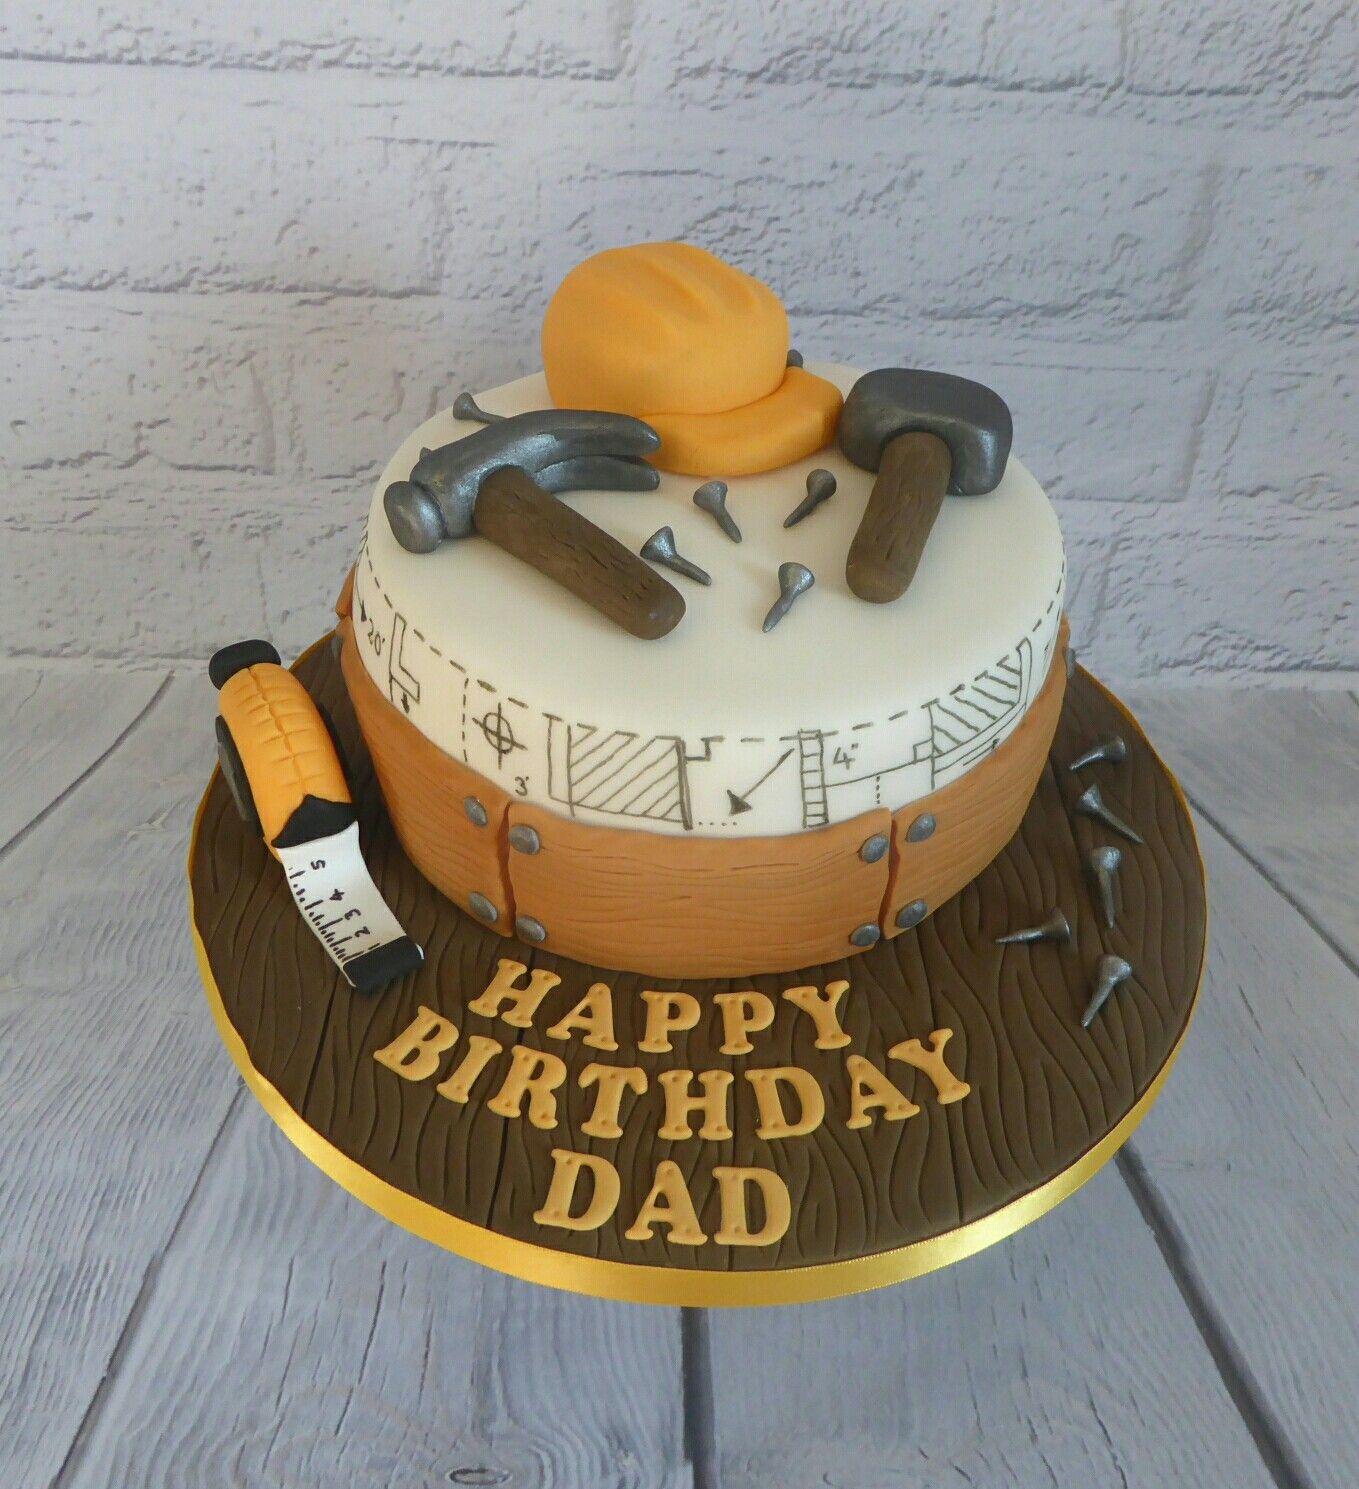 Builders themed birthday cake birthday cakes for men